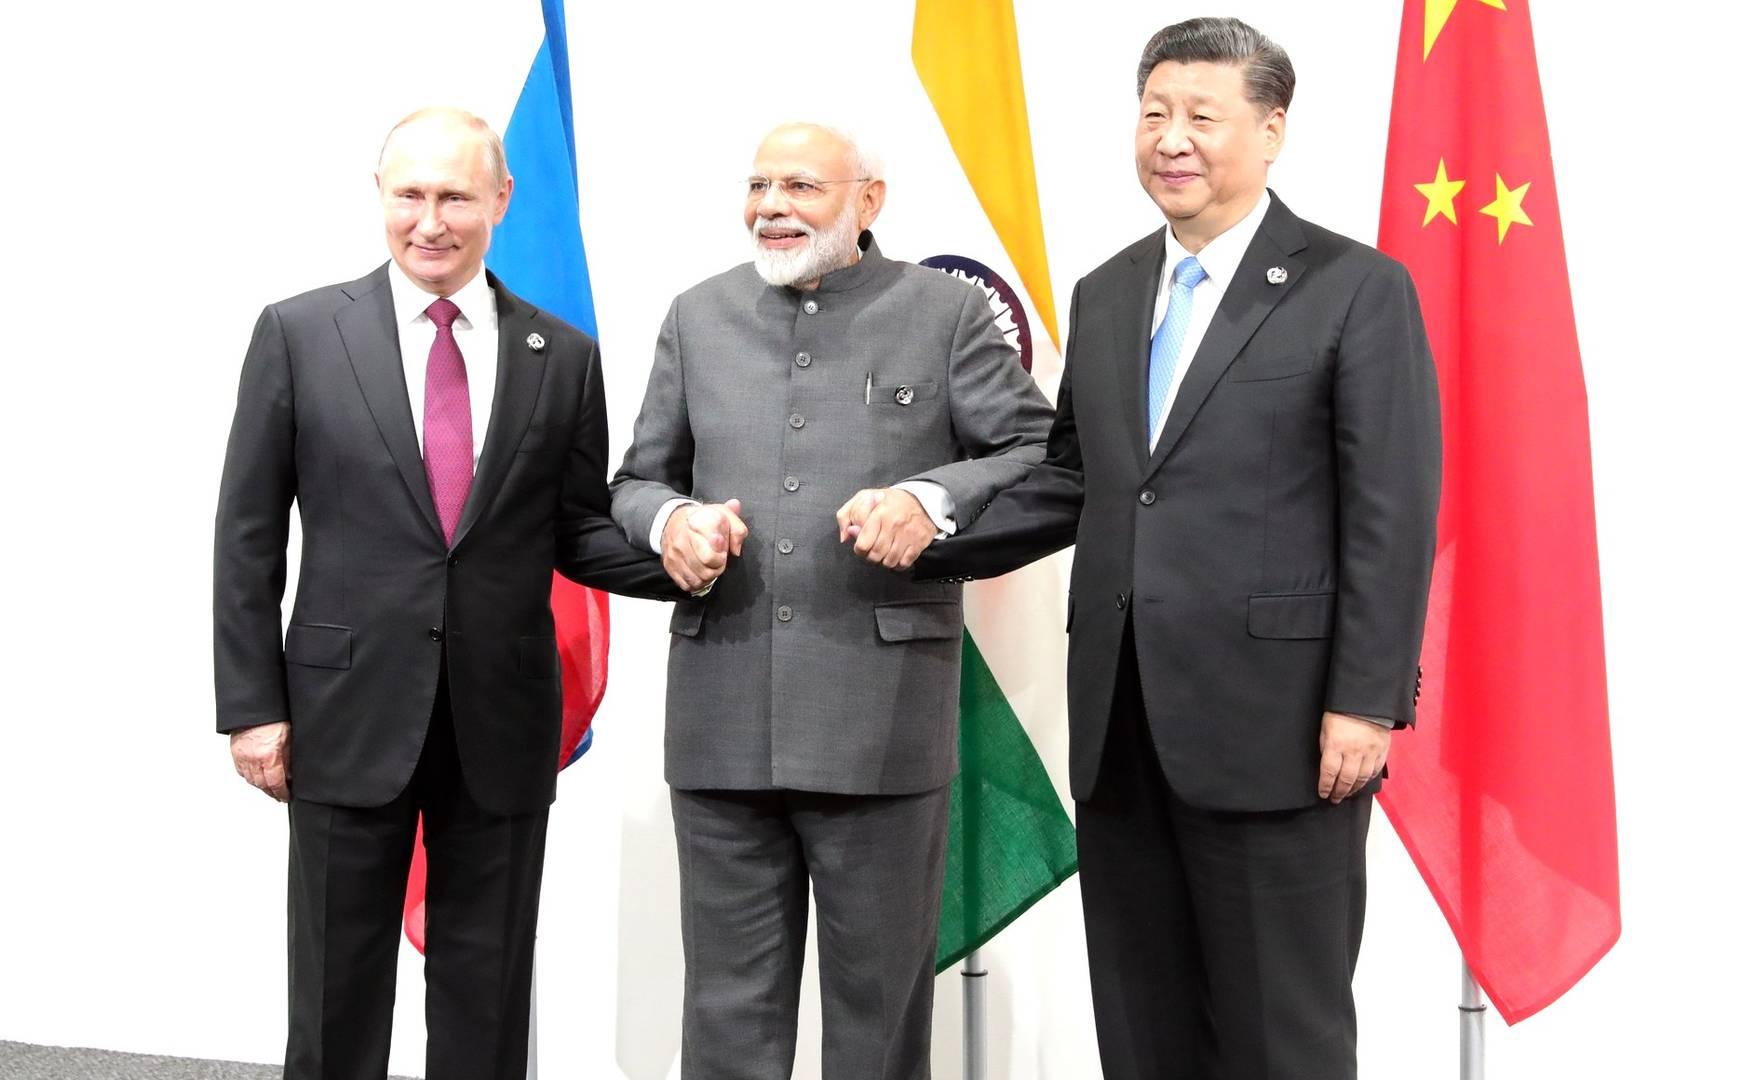 Владимир Путин с премьер-министром Индии Нарендрой Моди и Председателем КНР Си Цзиньпином перед началом встречи в формате Россия – Индия – Китай